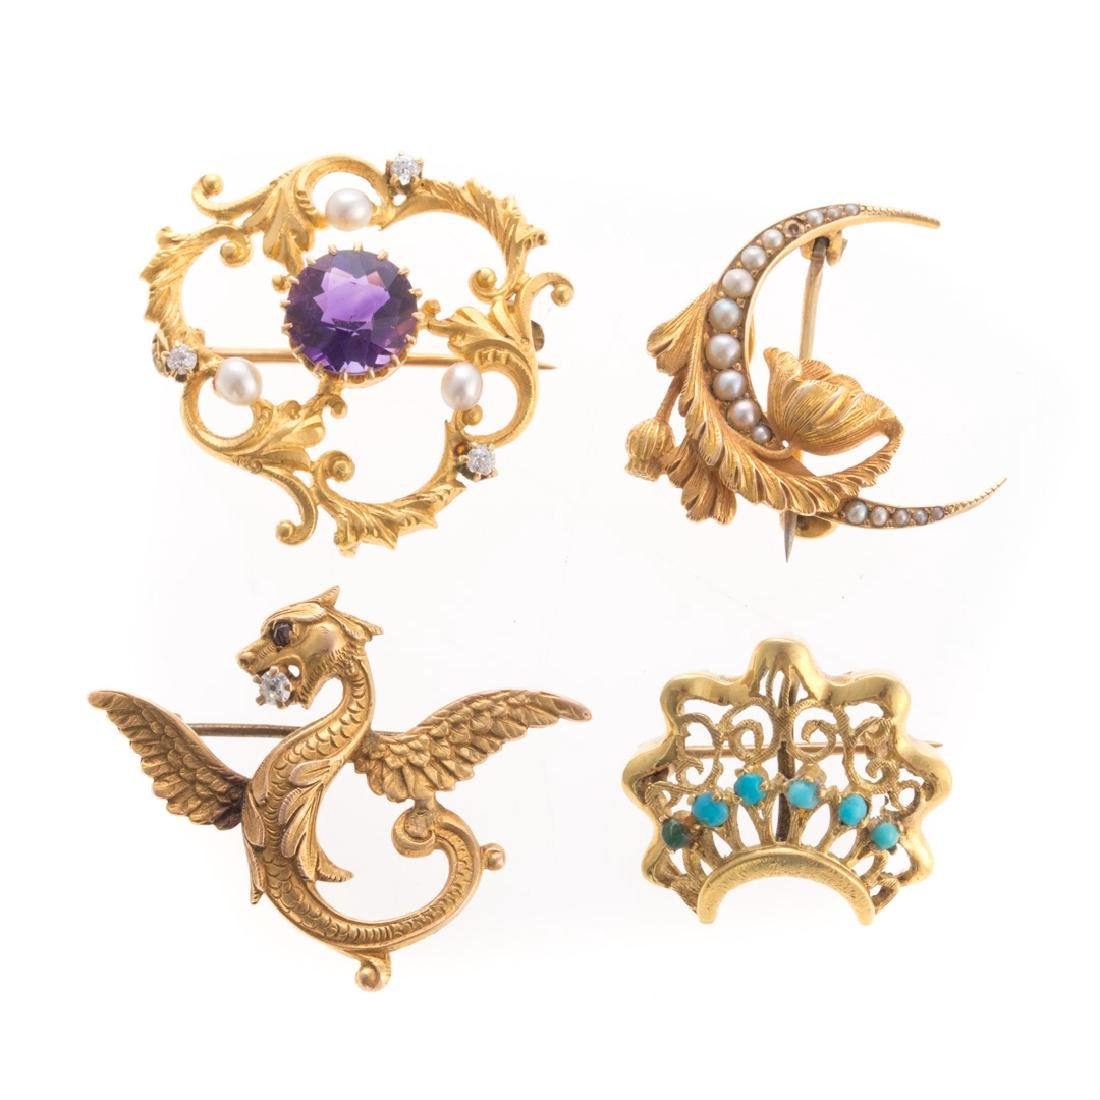 Four Art Nouveau Pins in 14K Gold